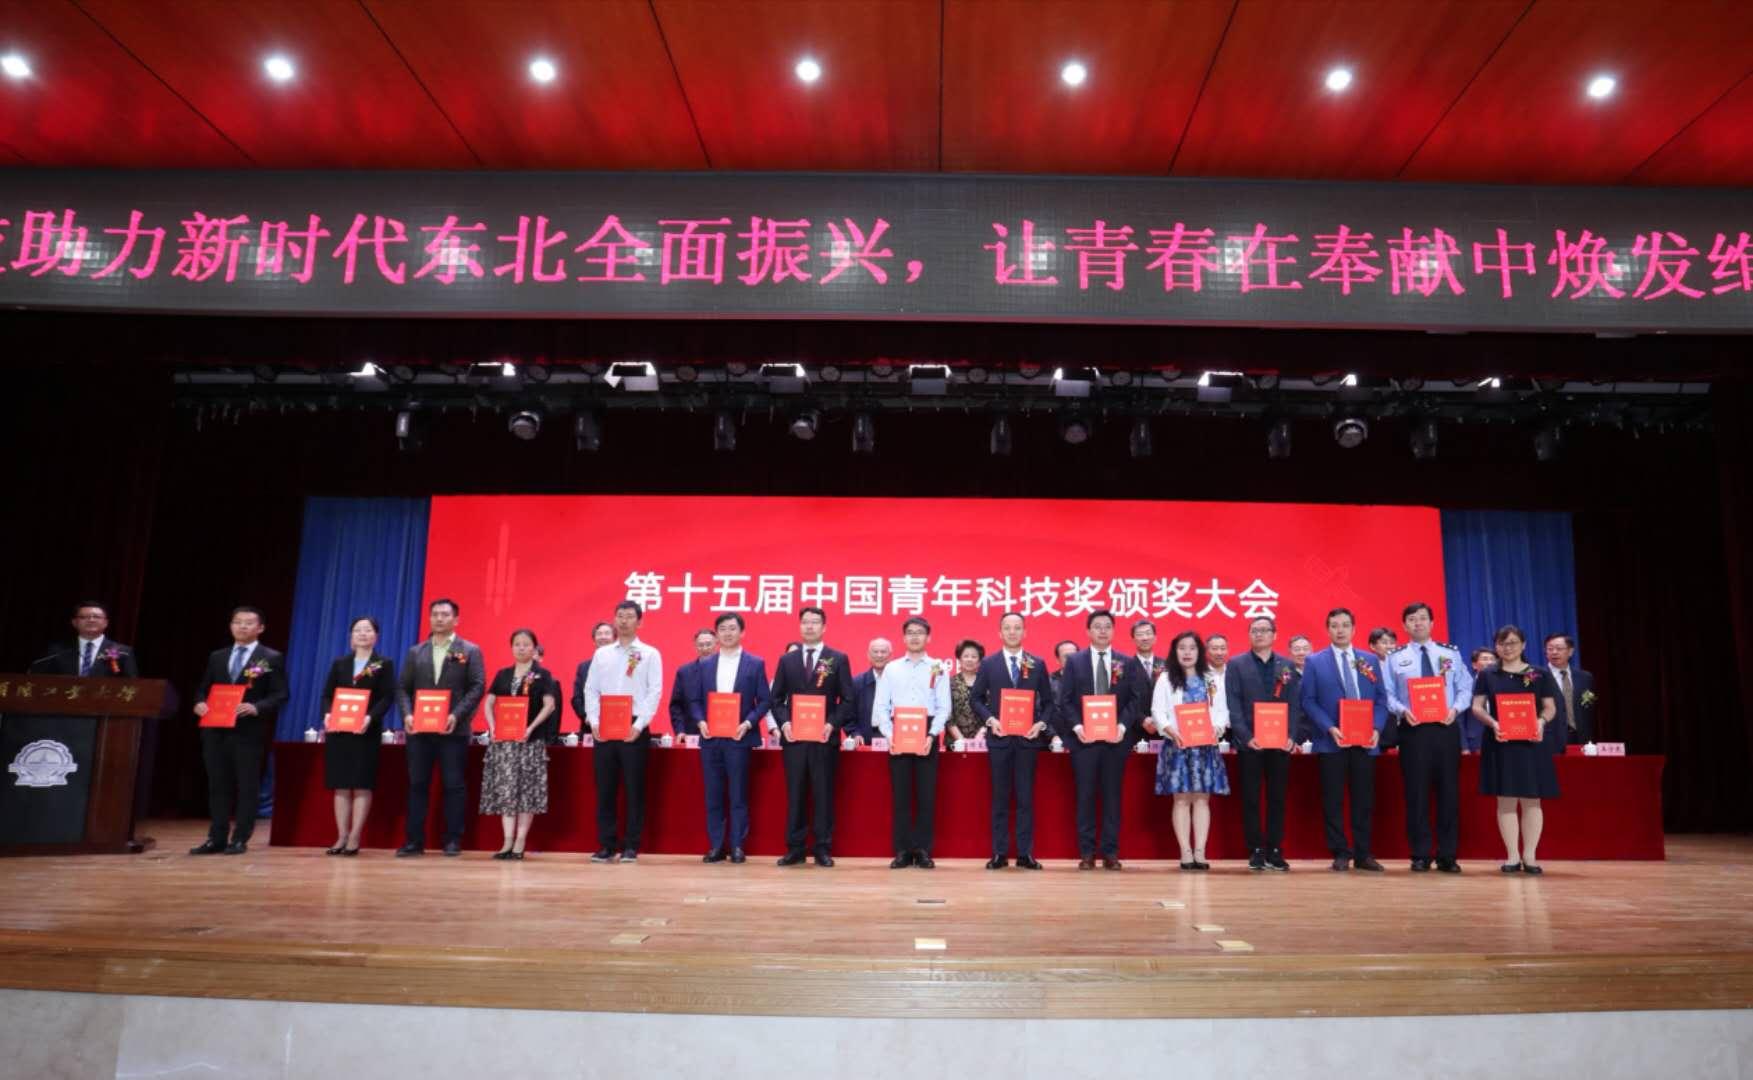 第十五届中国青年科技奖颁奖